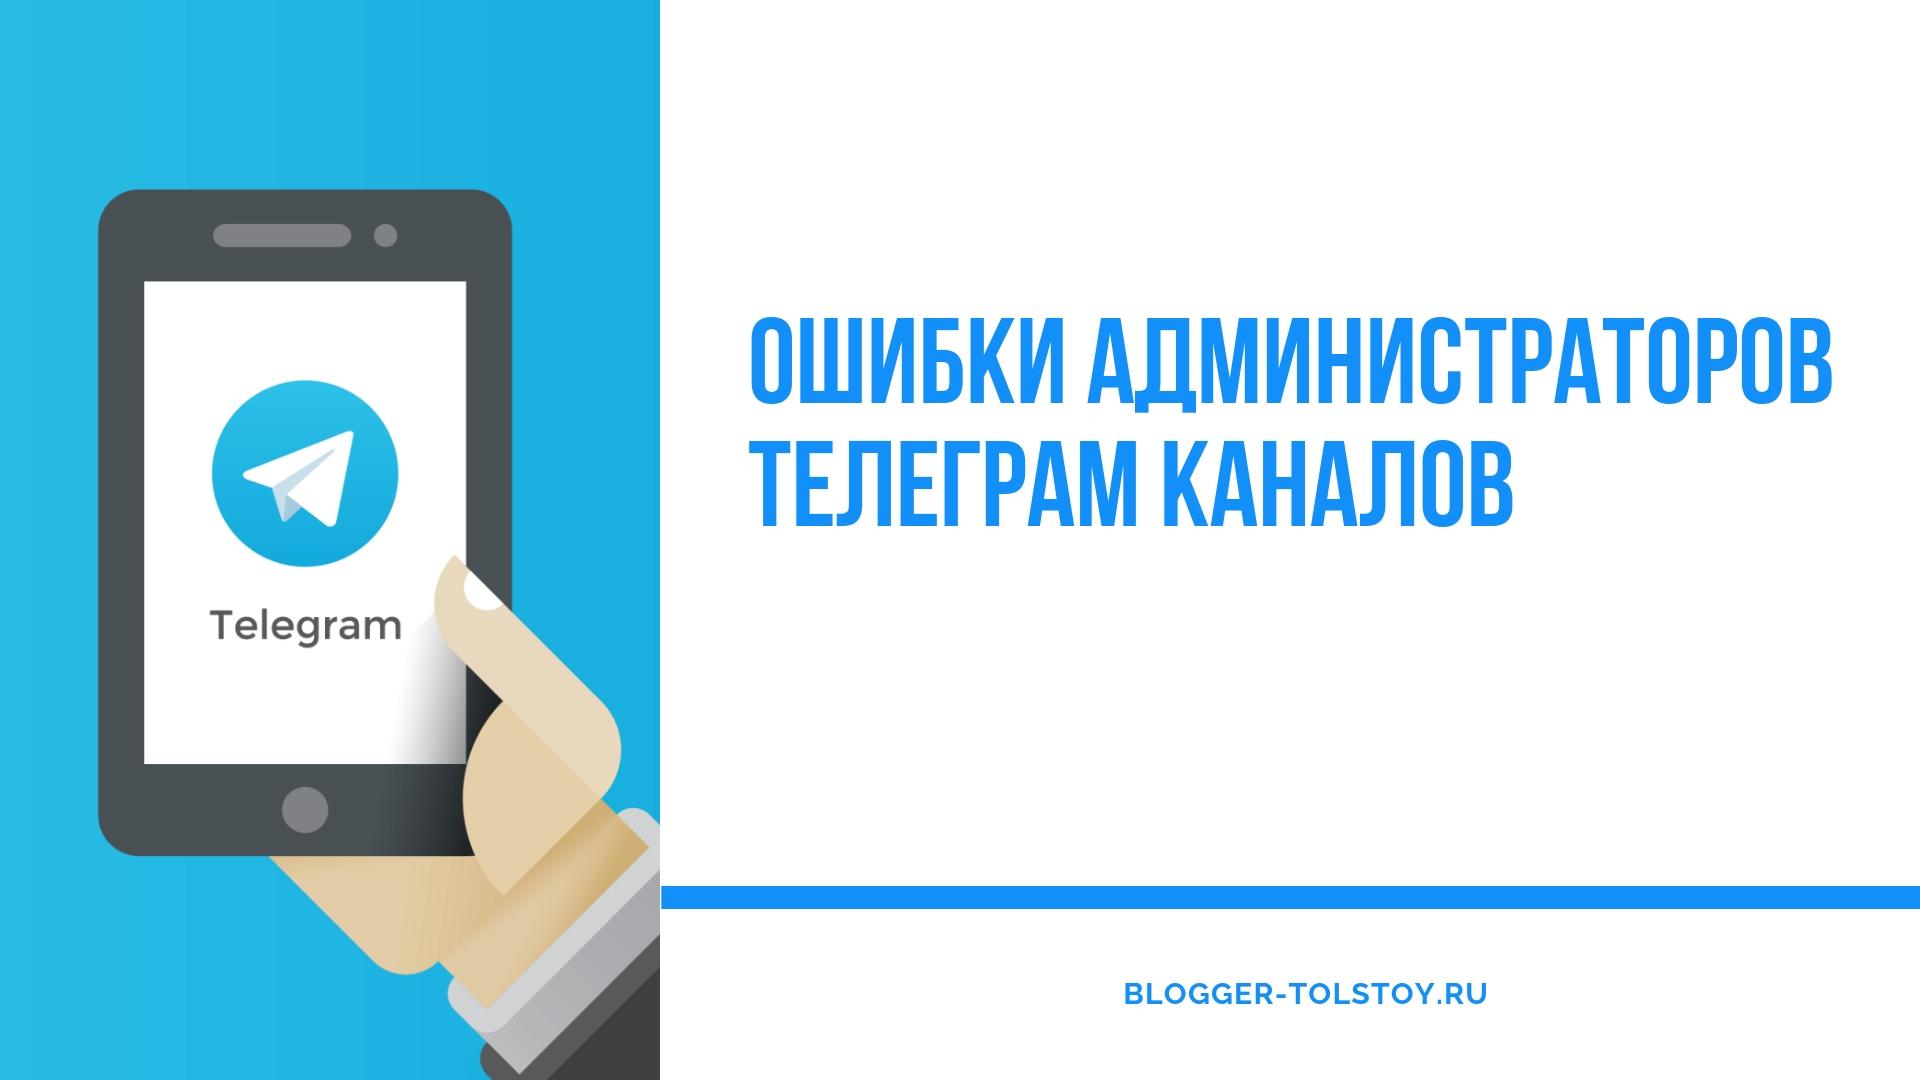 администраторов телеграм